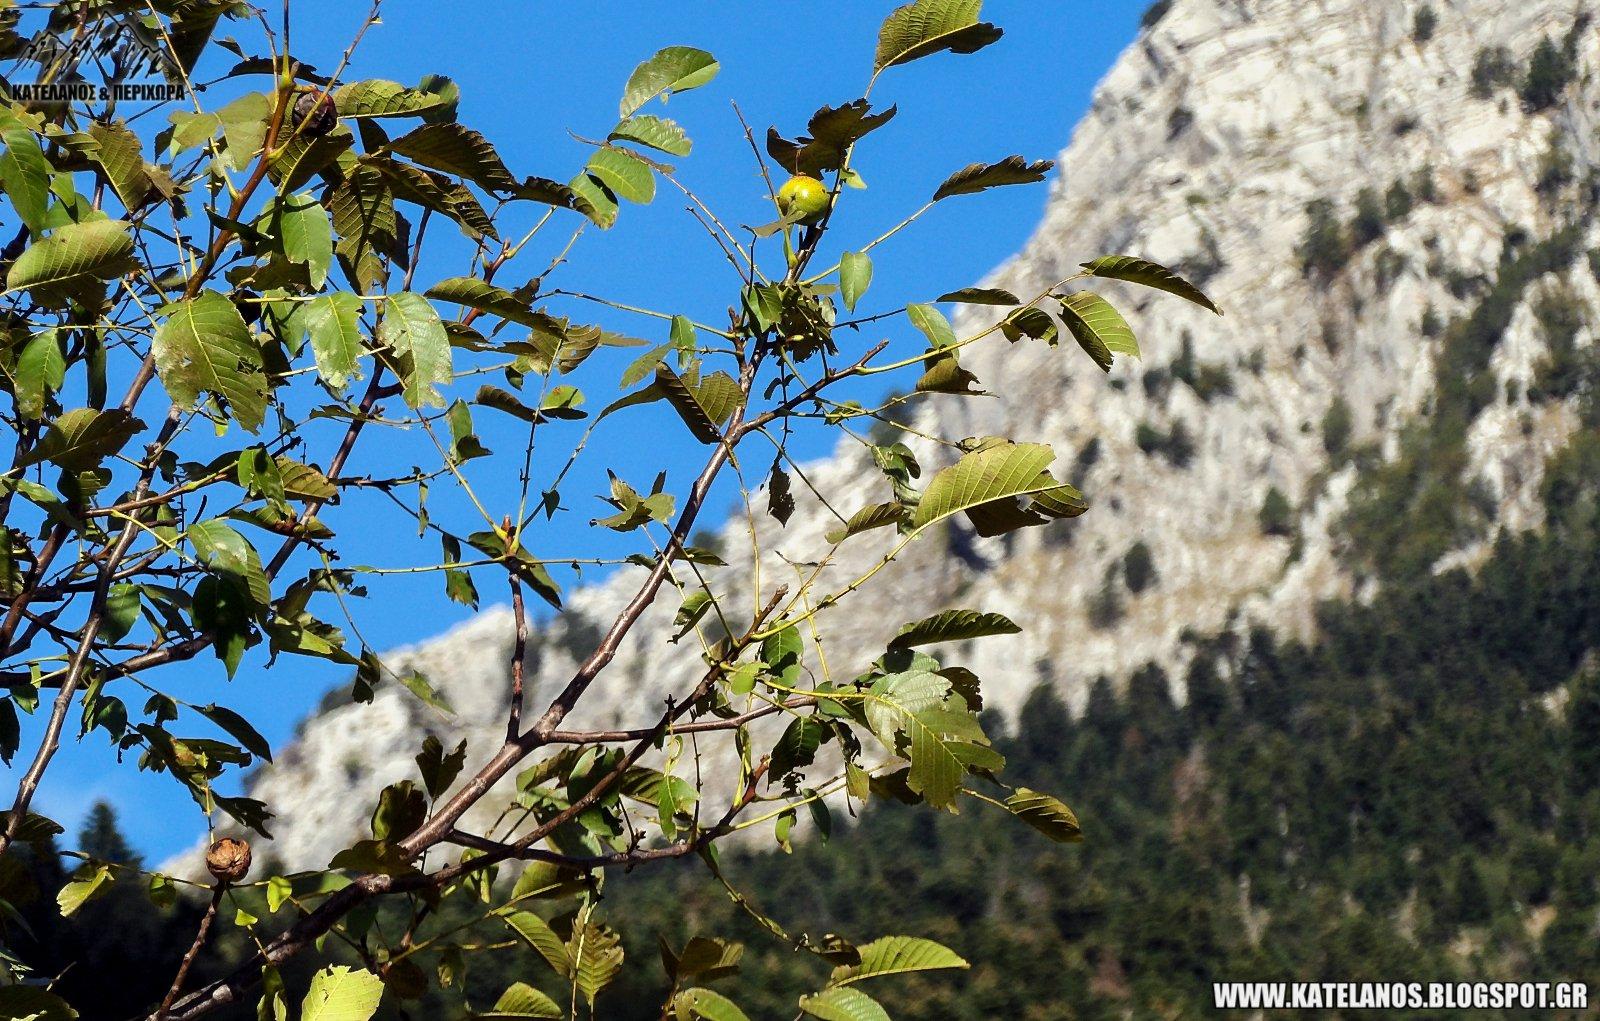 φθινόπωρο ορεινή τριχωνίδα βουνό αη λιάς